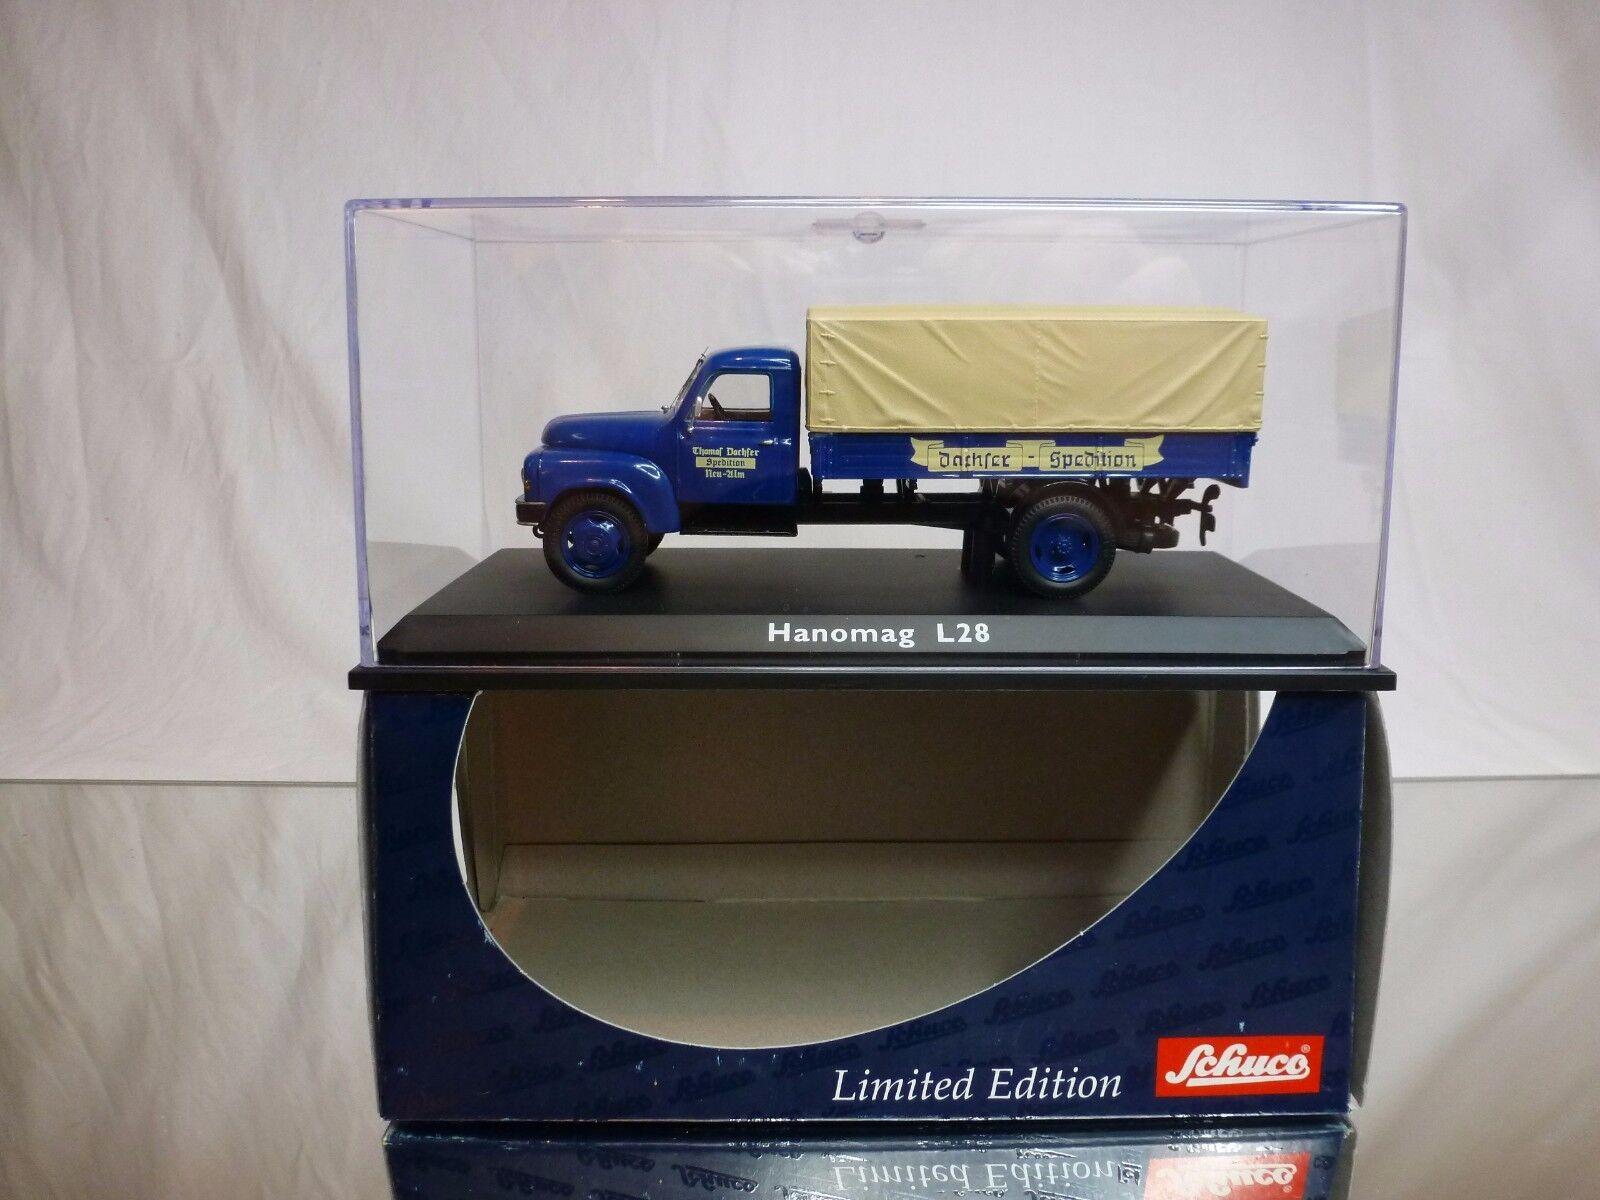 SCHUCO 02923 HANOMAG L28 - DACHSER SPEDITION - blu 1 43 - EXCELLENT IN BOX